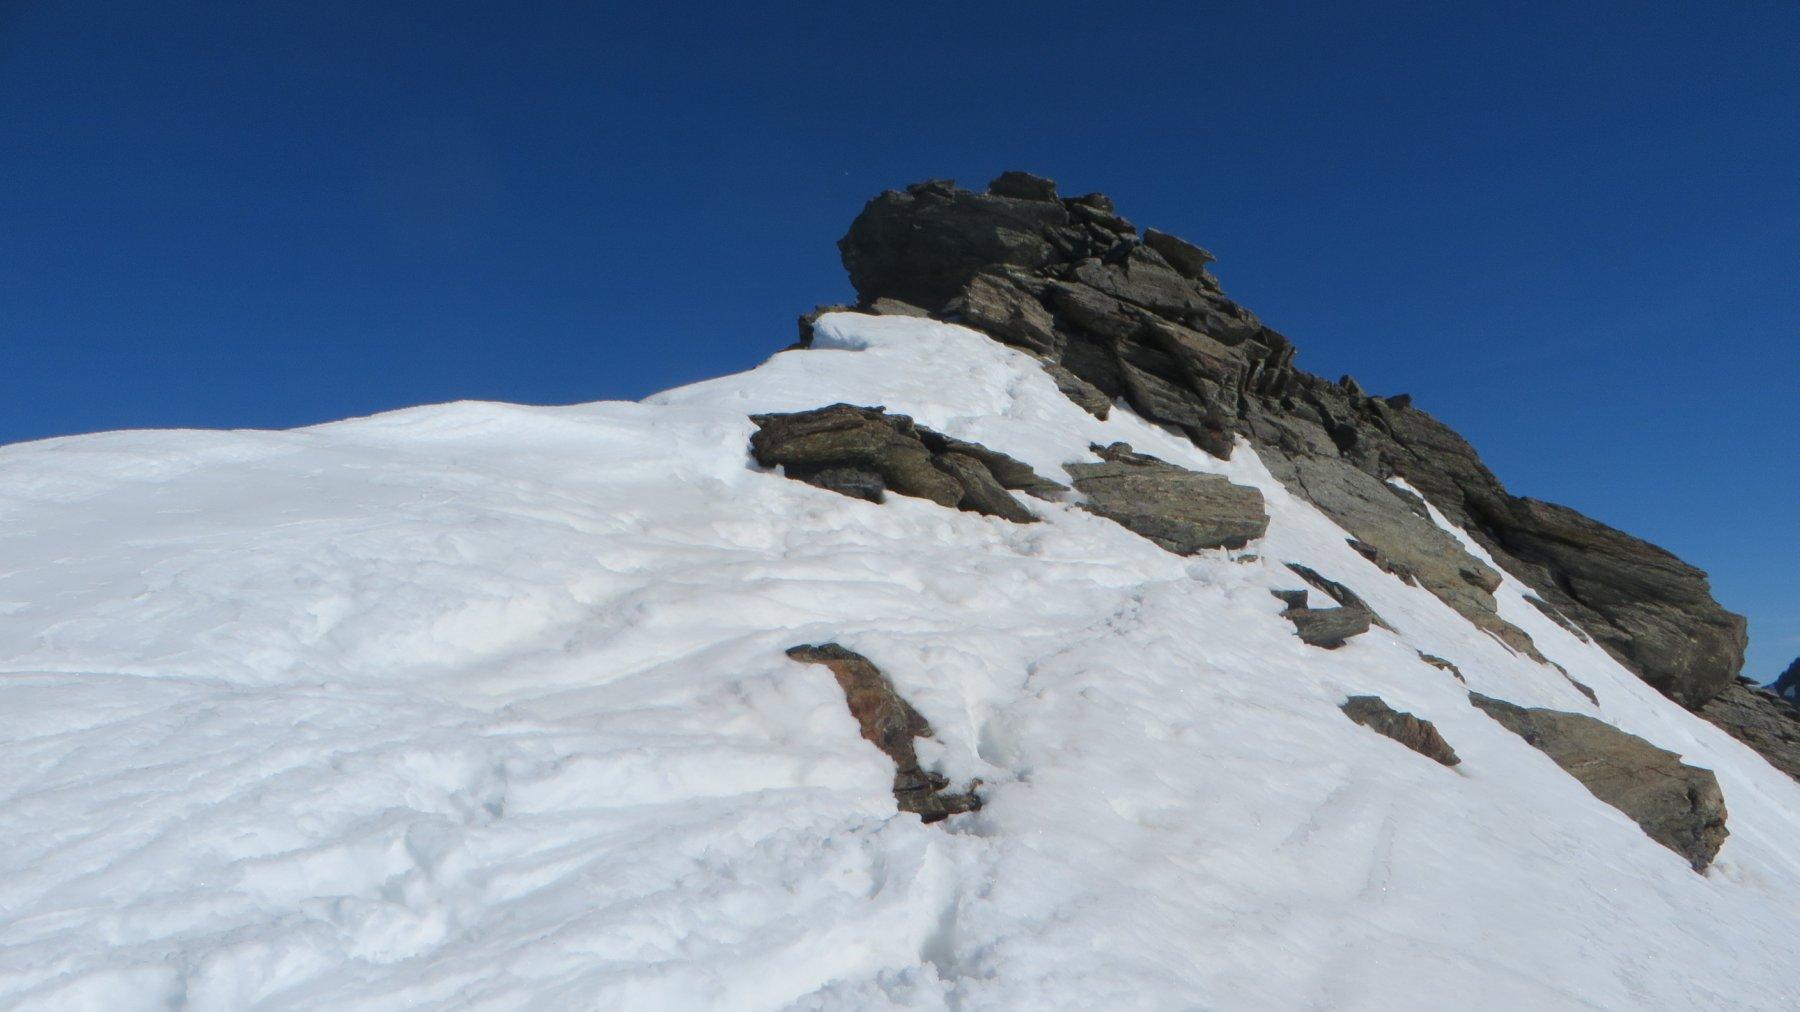 ultimi metri a piedi per neve e roccette